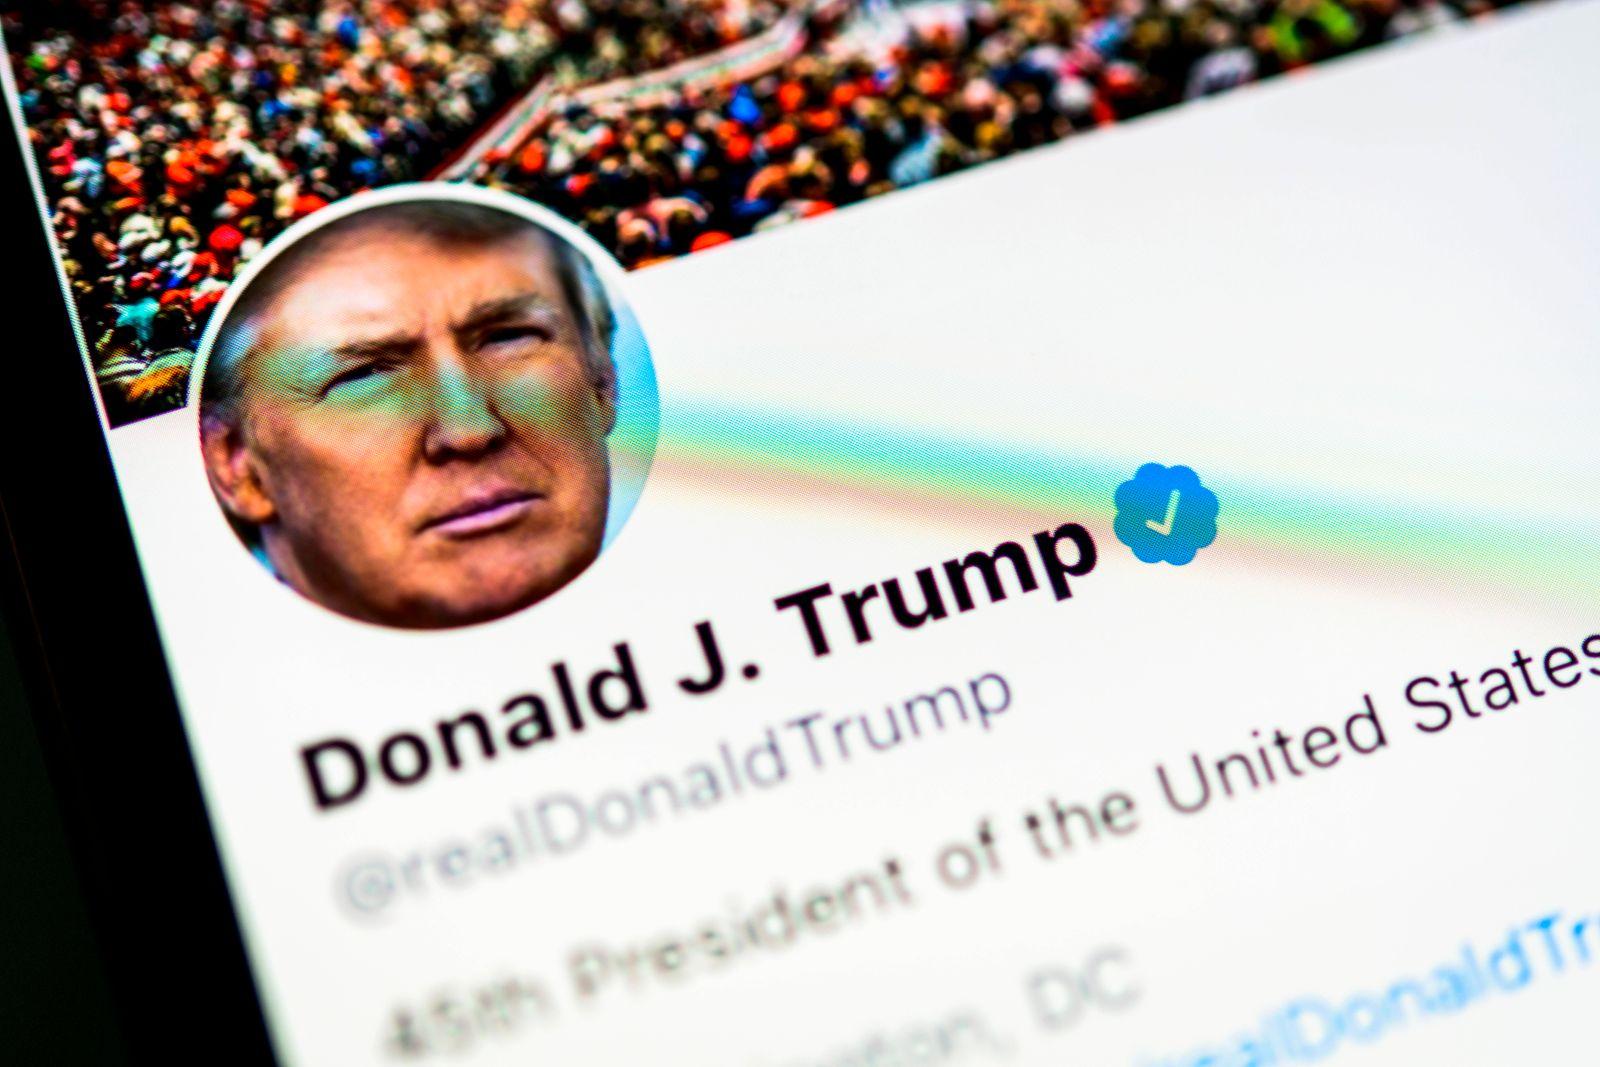 Offizielle Twitter Seite von Donald J. Trump, realDonaldTrump, Präsident der Vereinigten Staaten von Amerika, Bildschirm